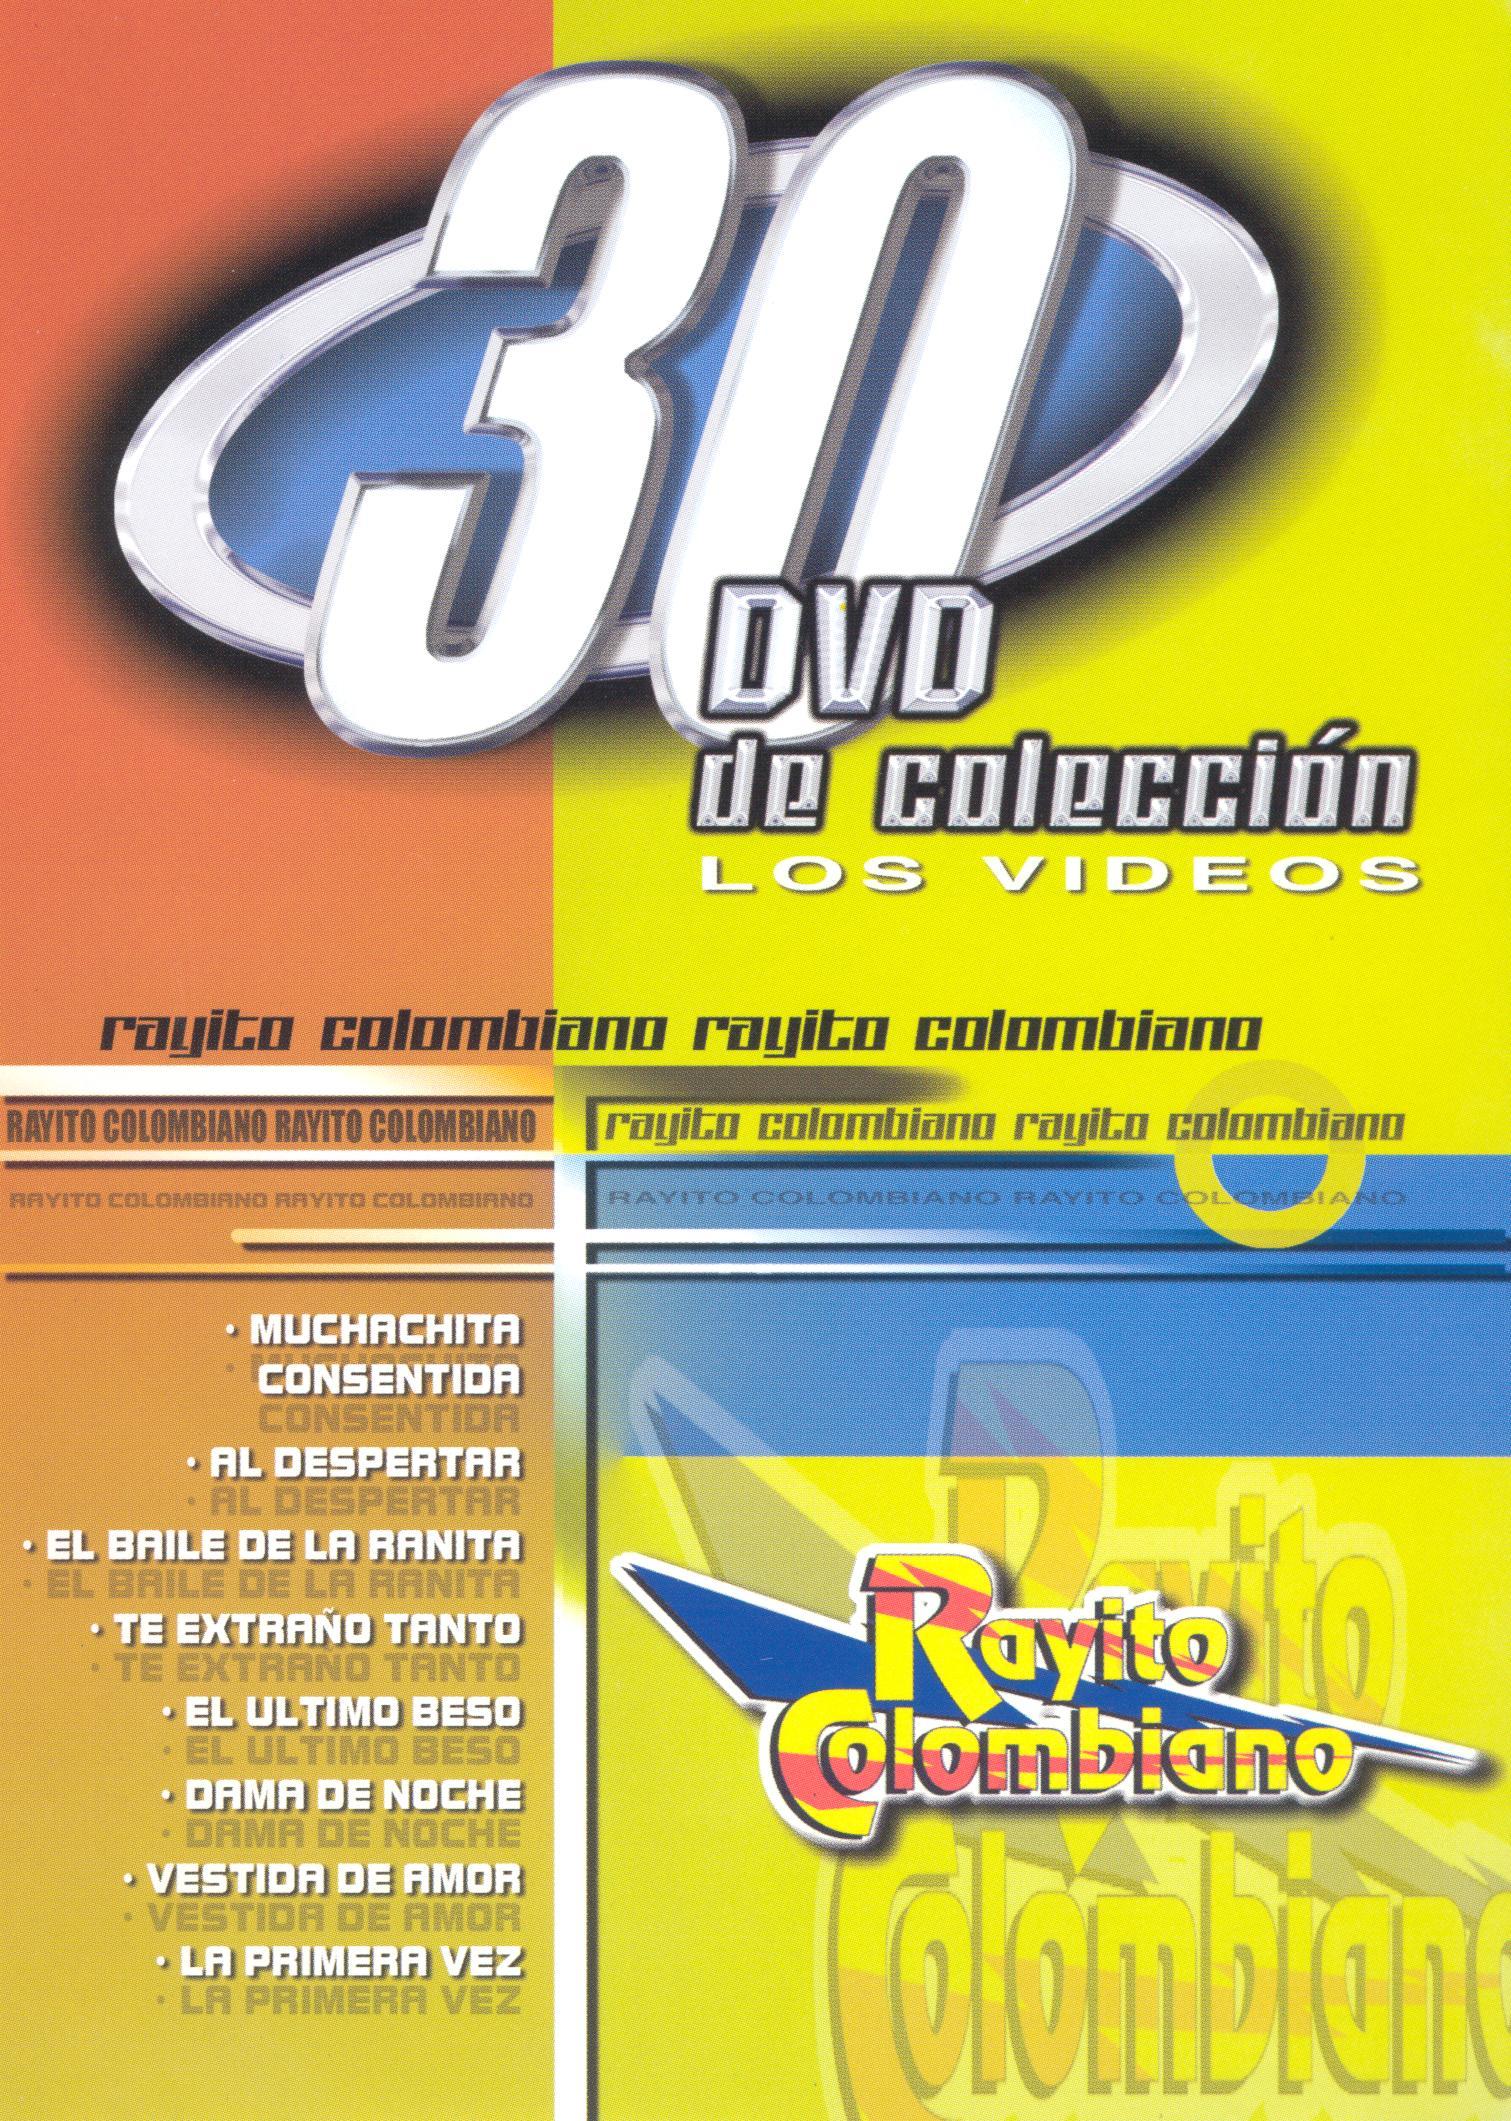 Rayito Colombiano: 30 DVD De Coleccion